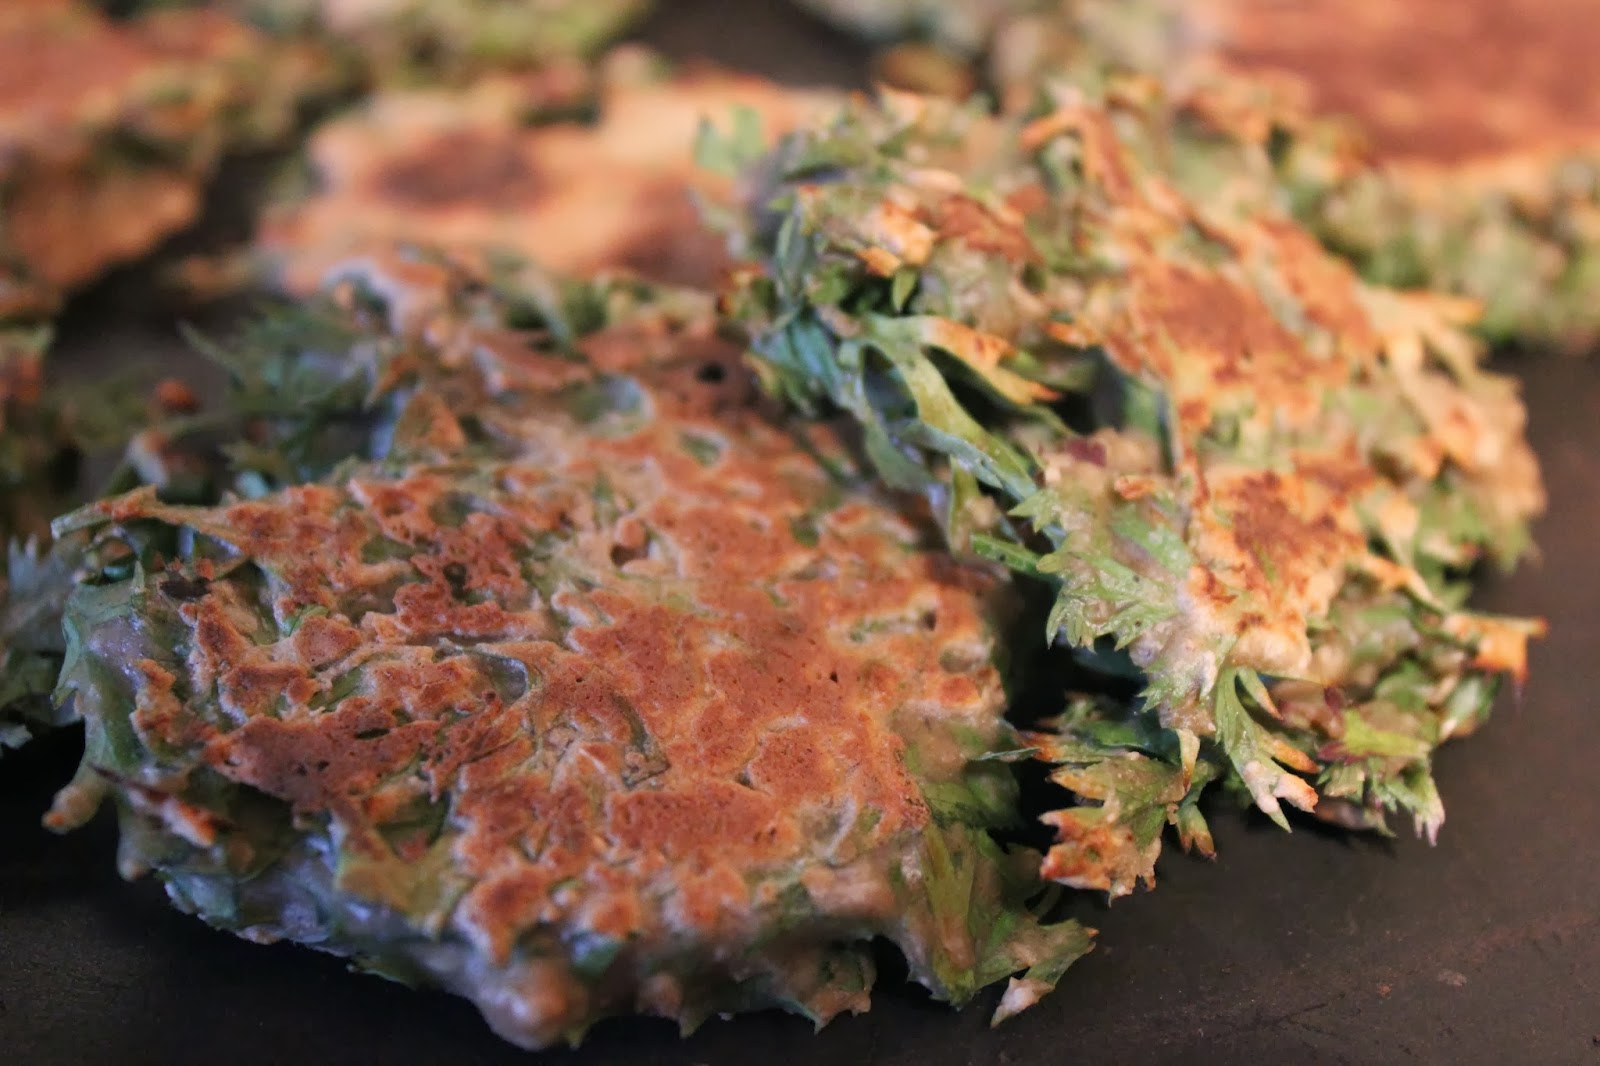 https://cuillereetsaladier.blogspot.com/2014/05/galettes-aux-fanes-de-carottes.html